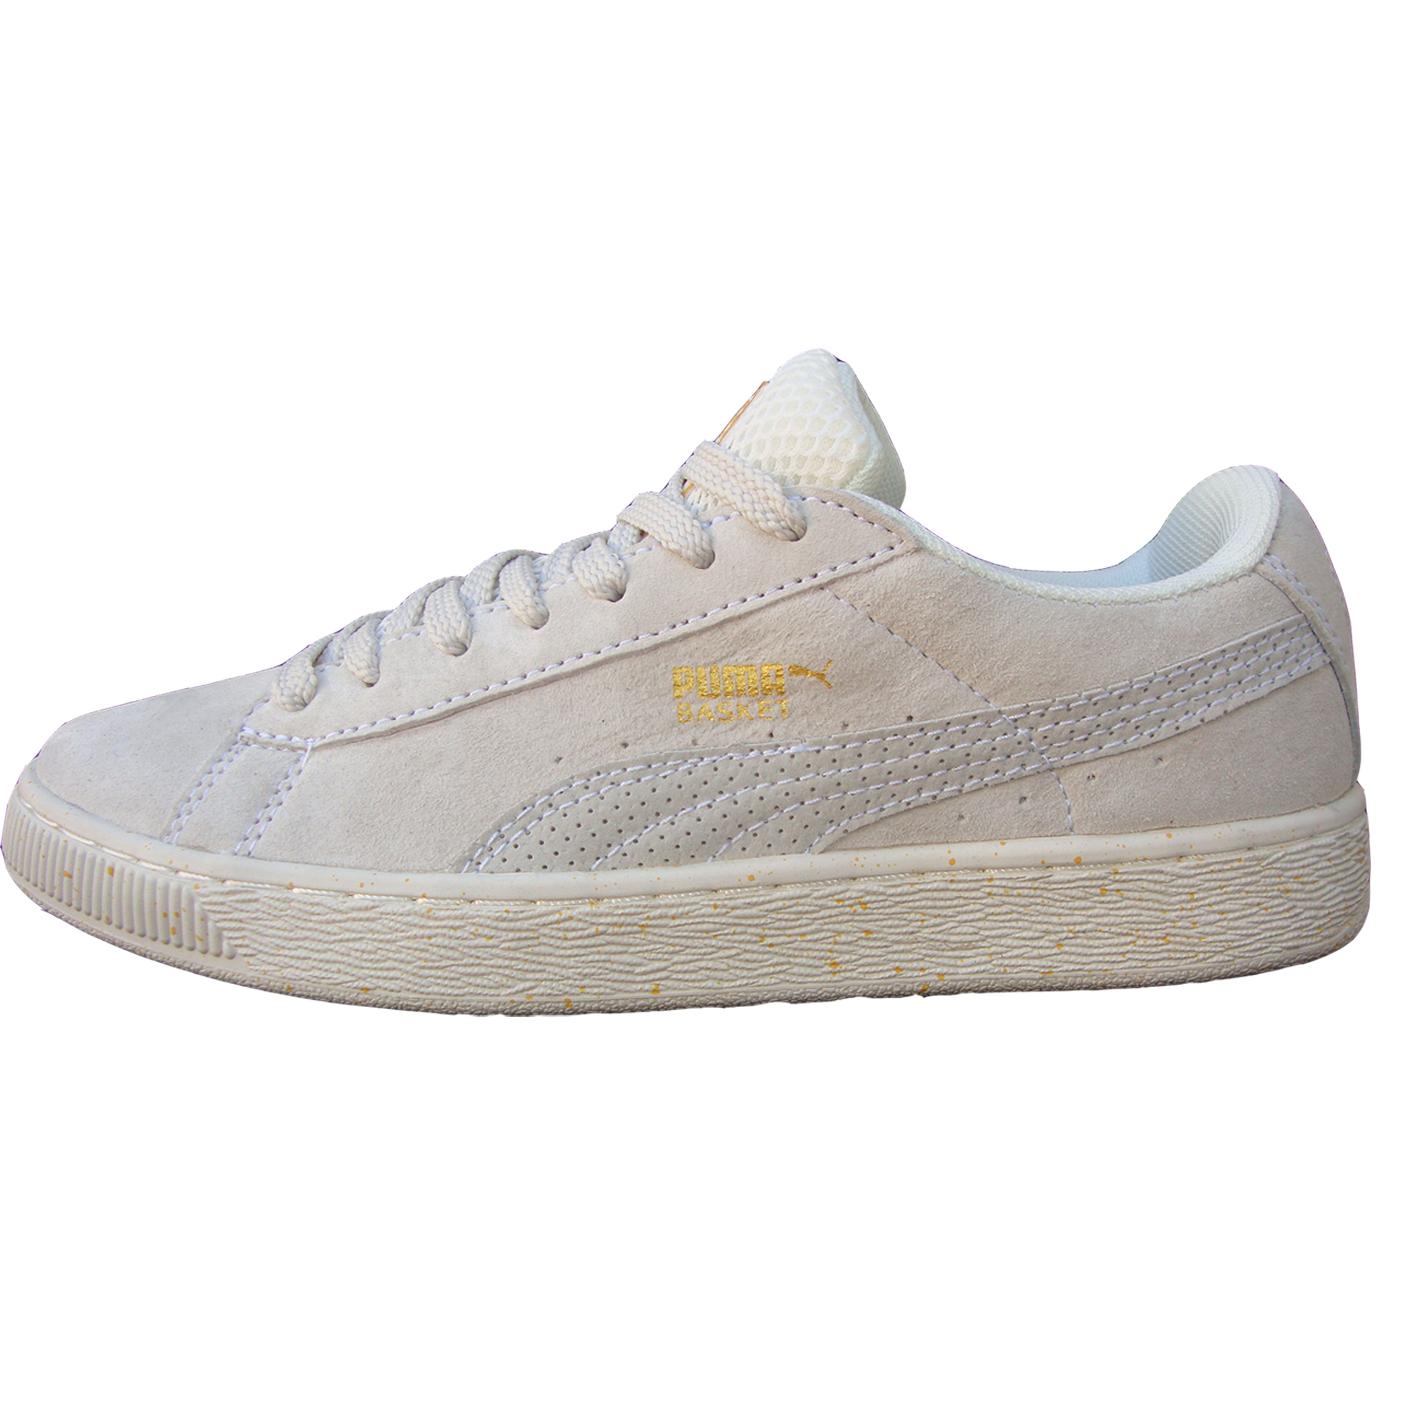 کفش راحتی مردانه پوما مدل  Basket 36147503